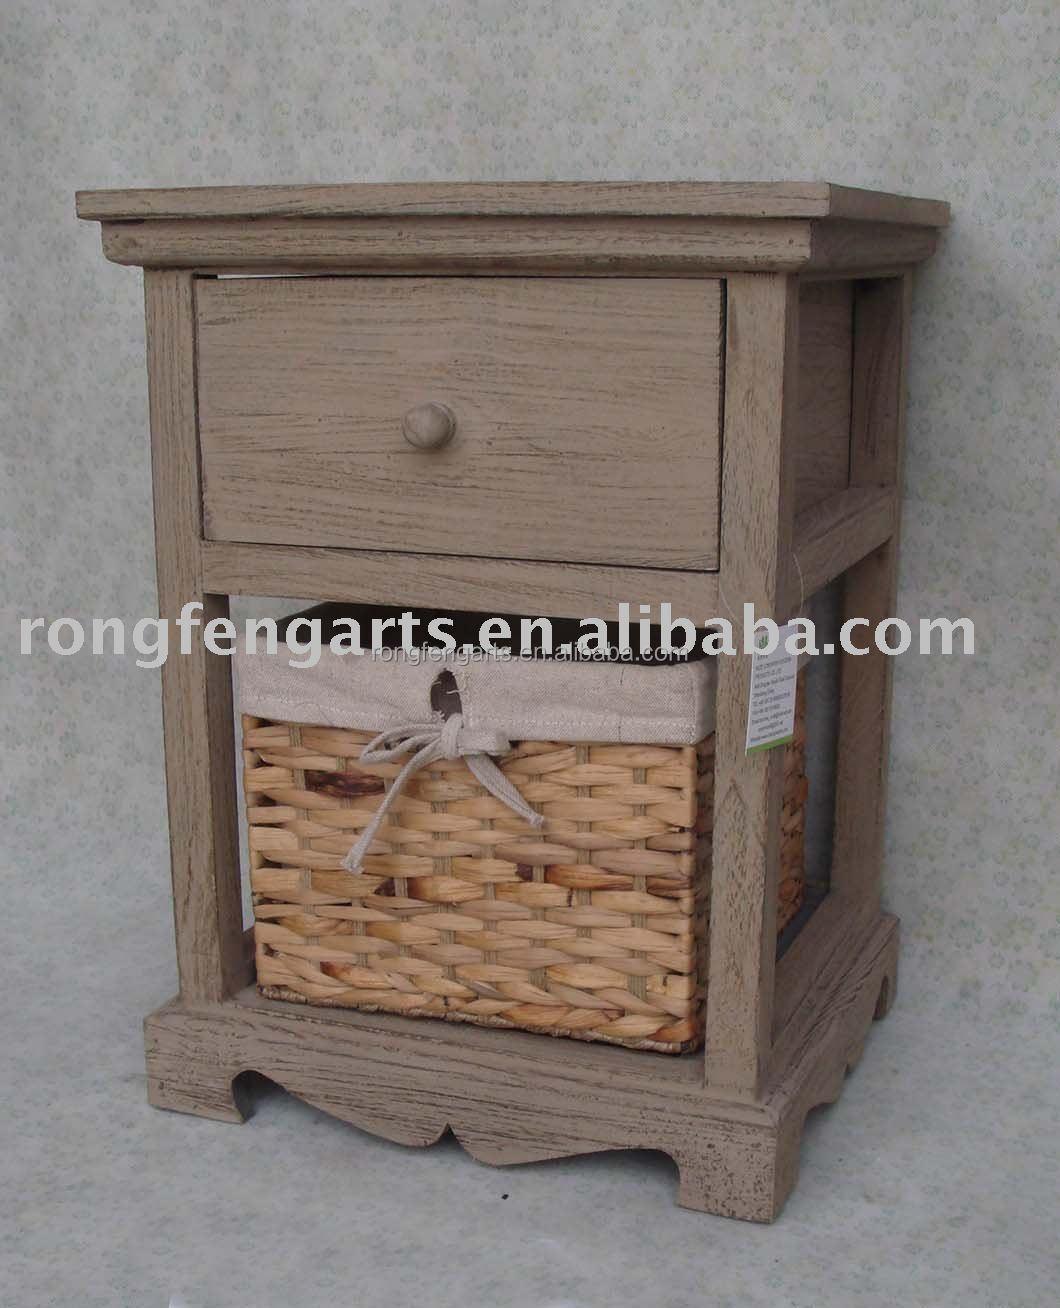 Grossiste meuble avec panier osier acheter les meilleurs for Grossiste meuble chine